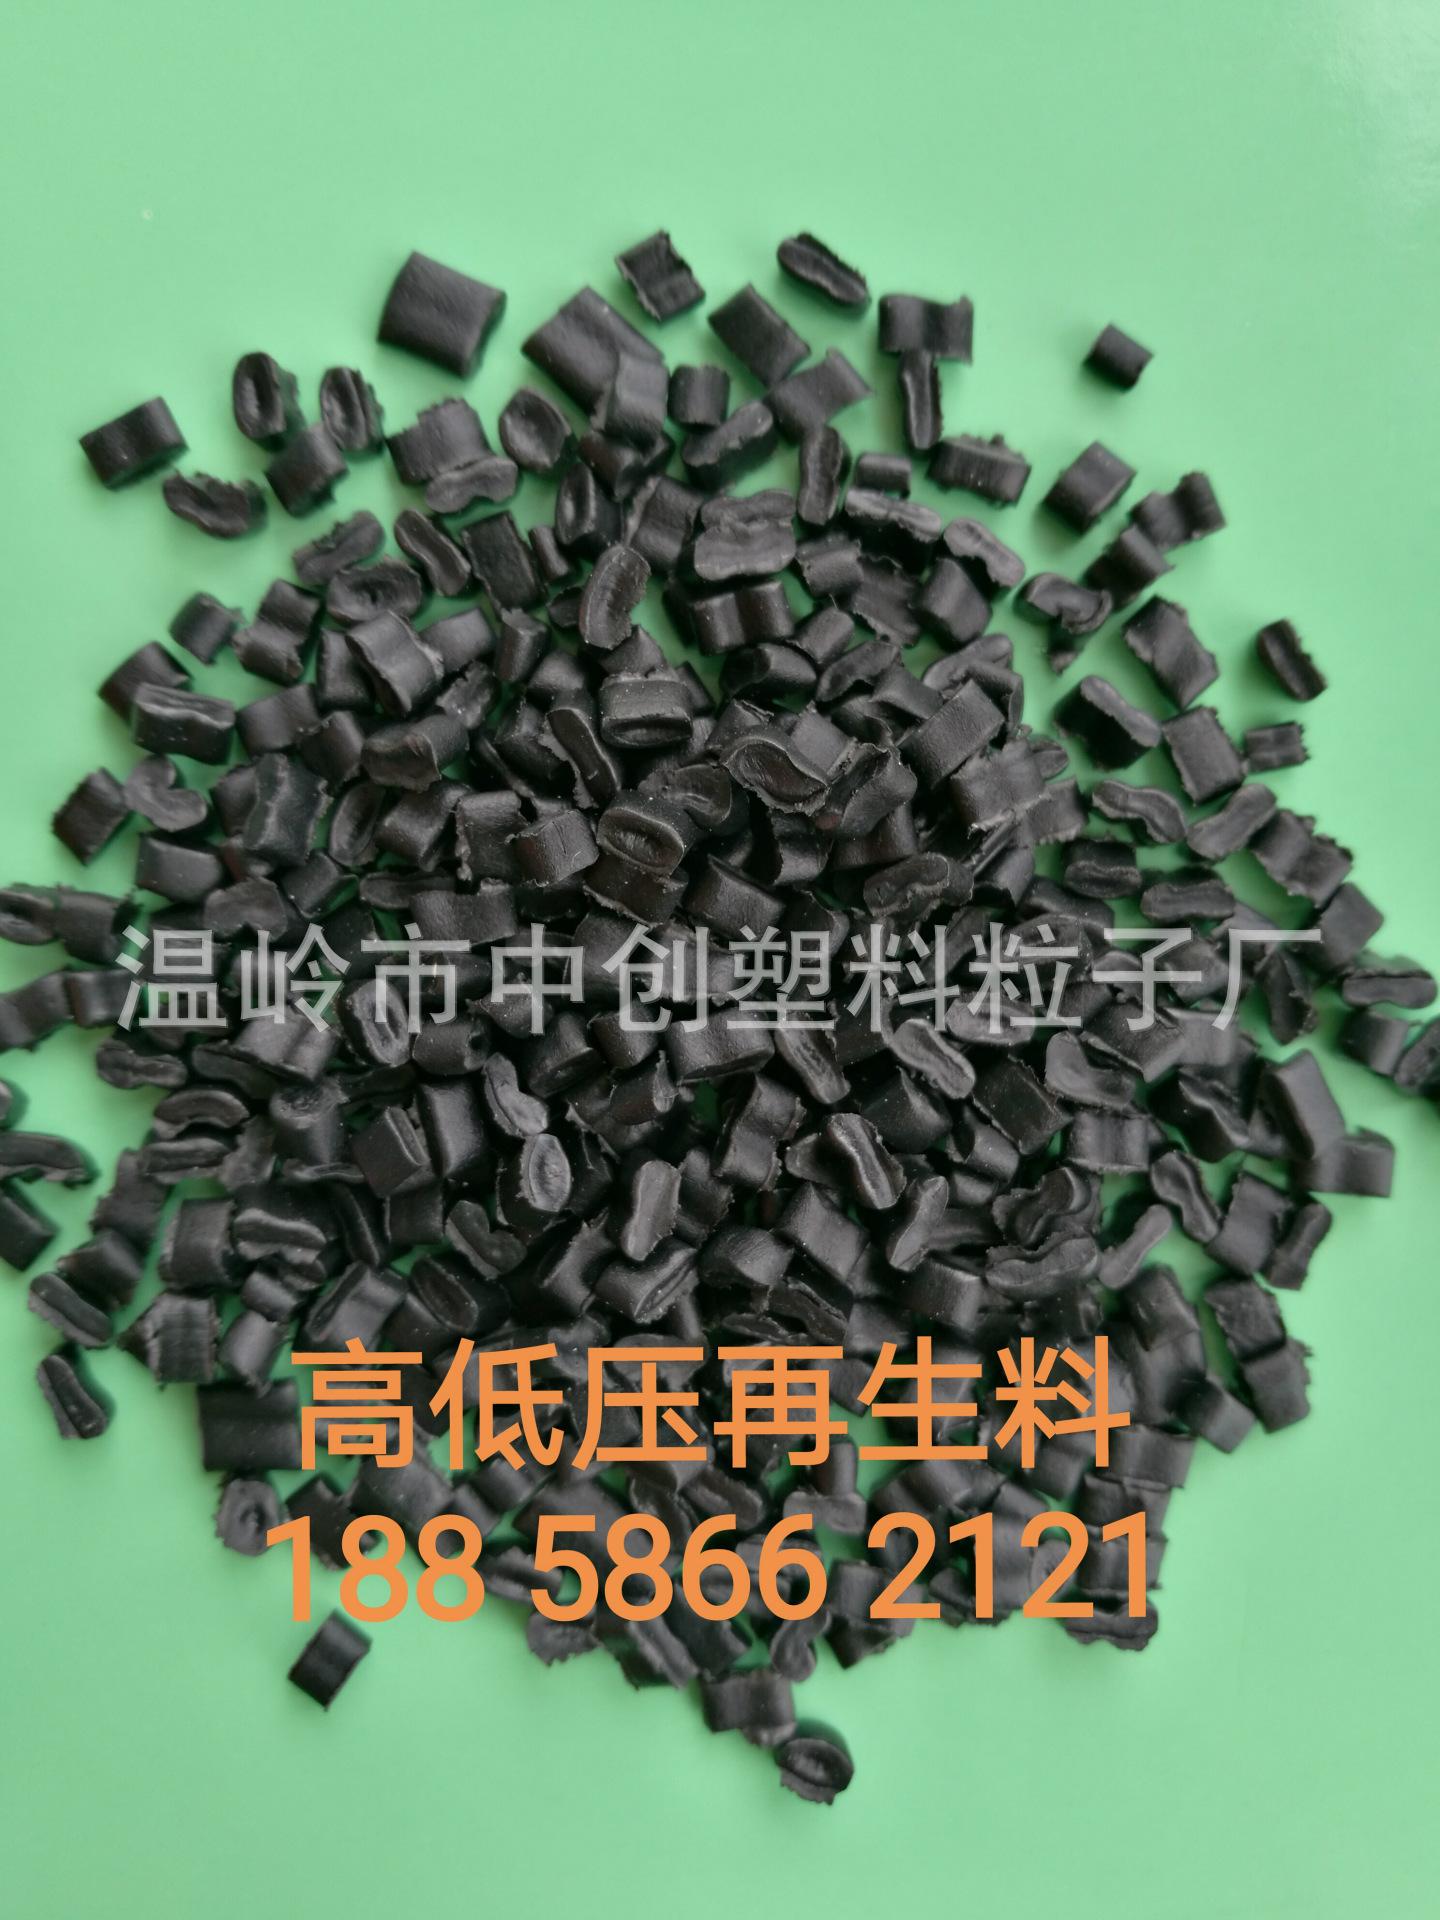 Ép nhựa cao cấp đều có màu đen pha trộn tái tạo áp lực thấp.